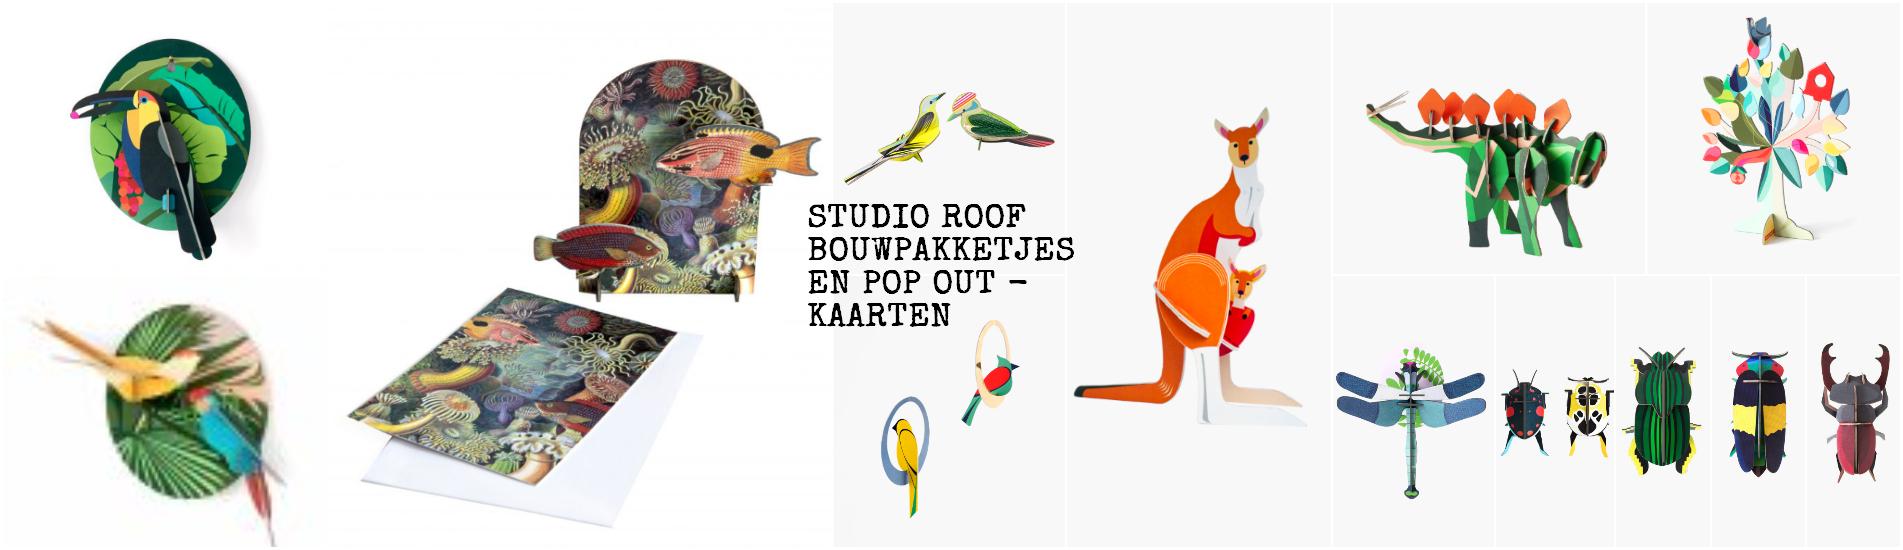 banner-studio-roof